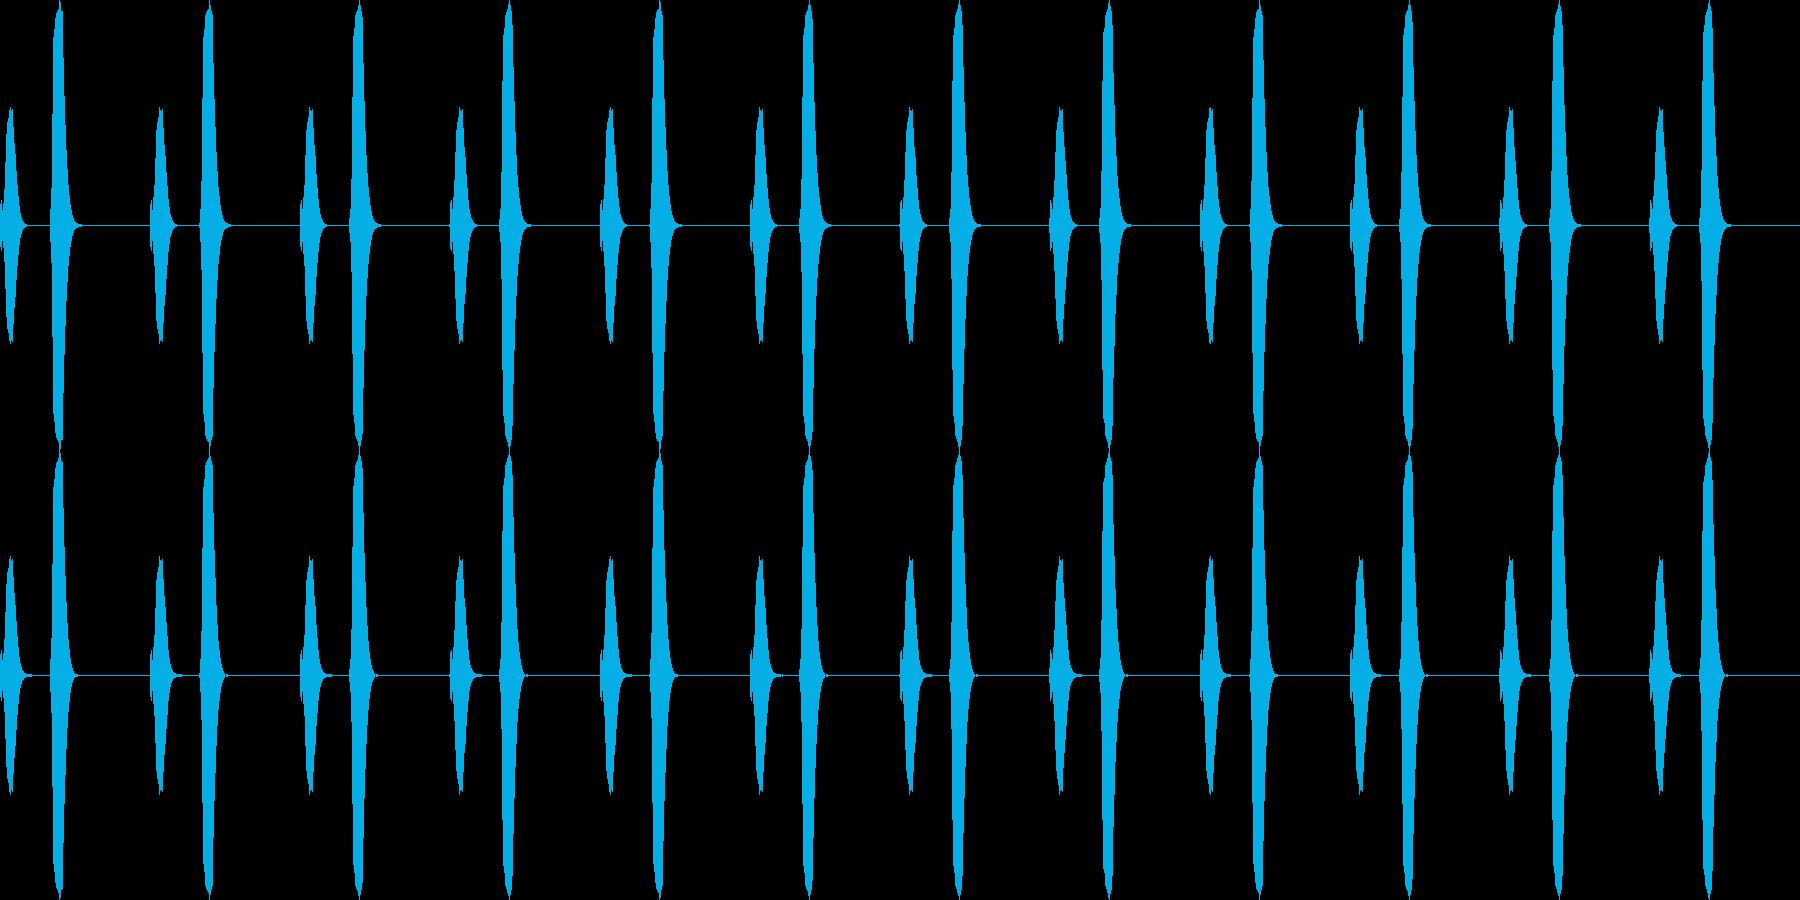 ポッポー...。鳩時計の時報B(高・長)の再生済みの波形